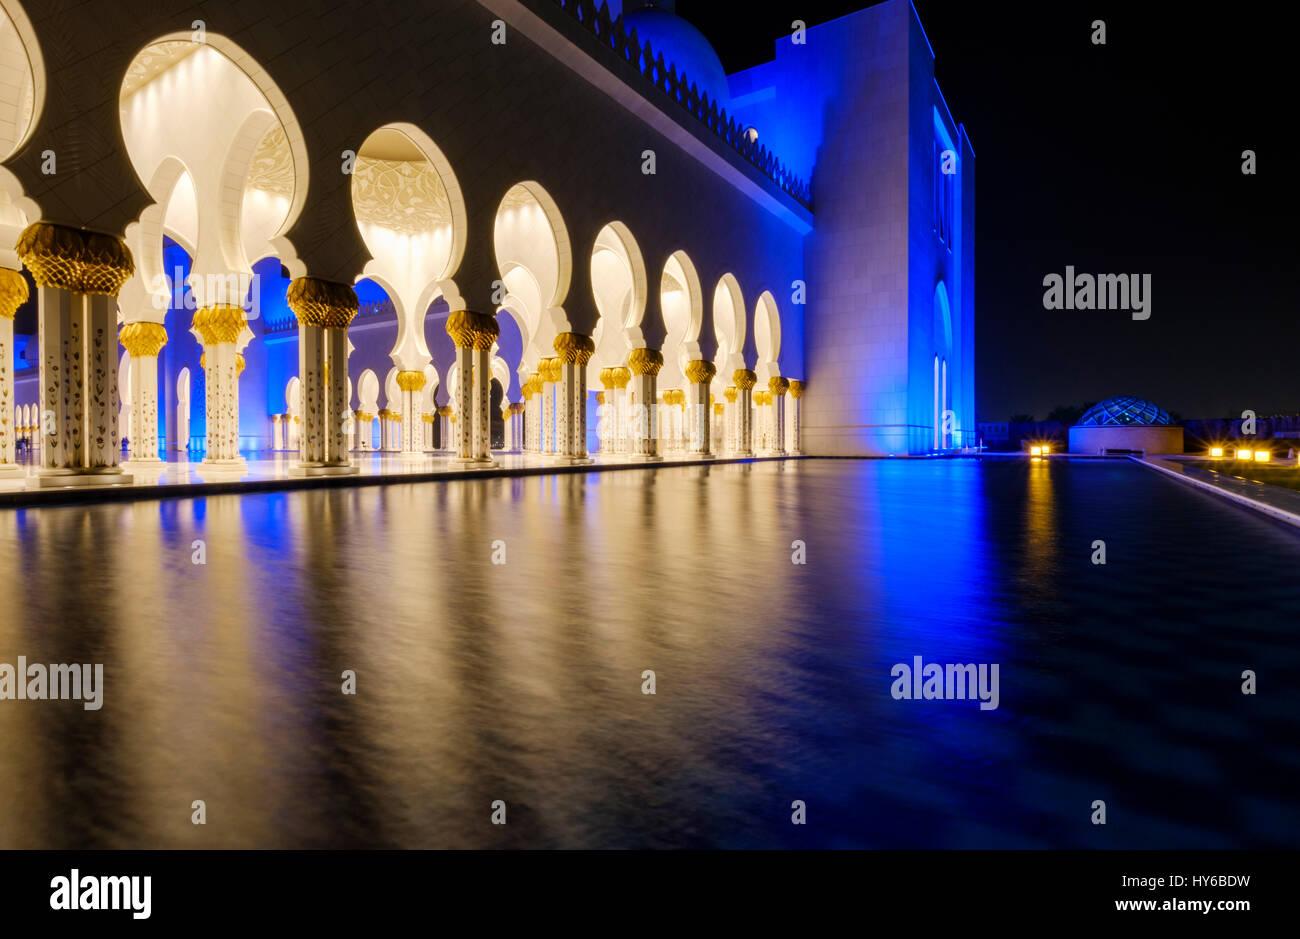 Los Emiratos Árabes Unidos, ABU DHABI - CIRCA ENERO DE 2017: piscina, arcos y columnas de la mezquita de Sheikh Imagen De Stock